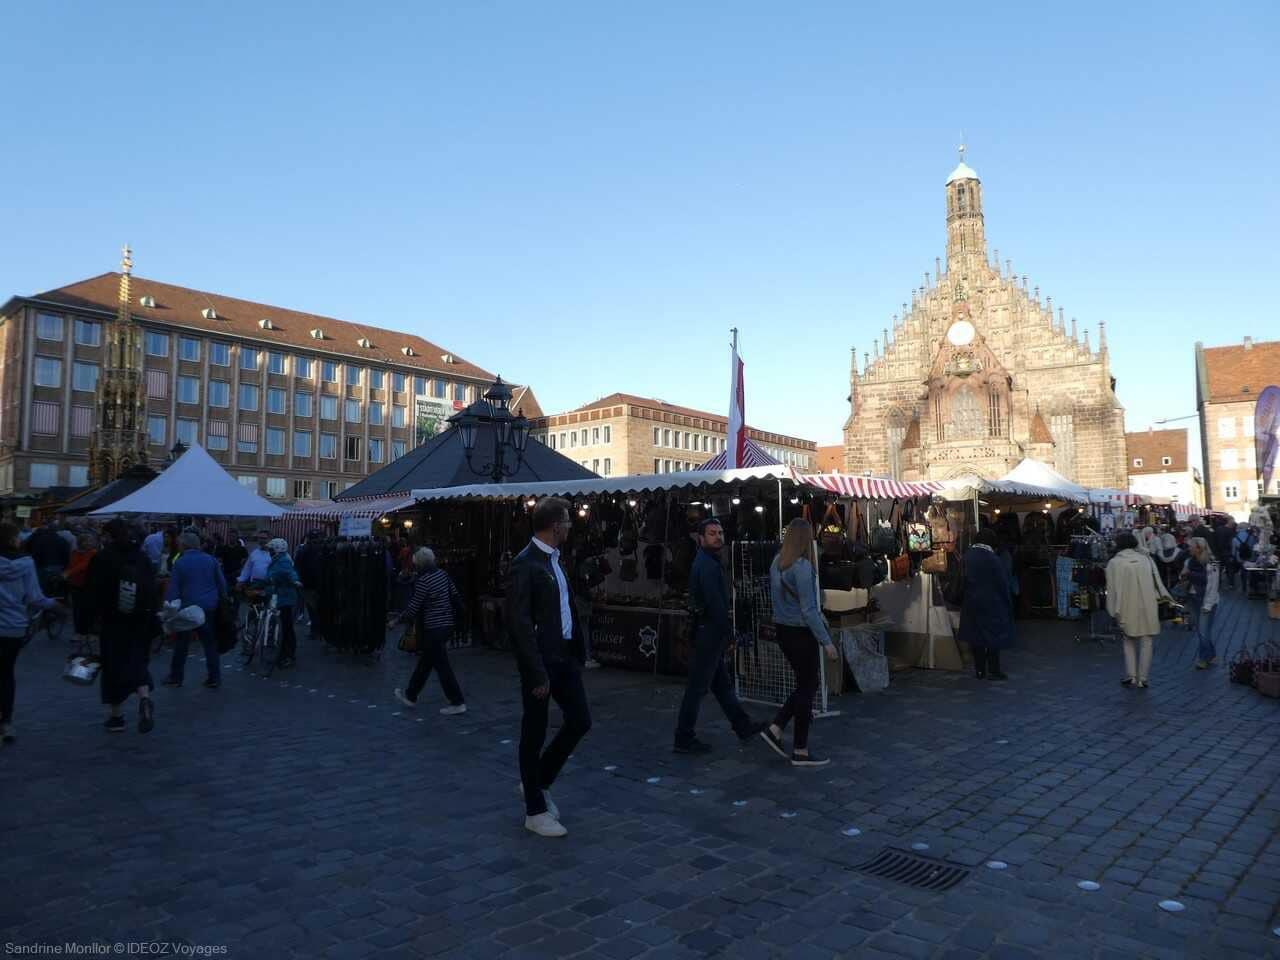 marché artisanal et place de la cathédrale à Nuremberg